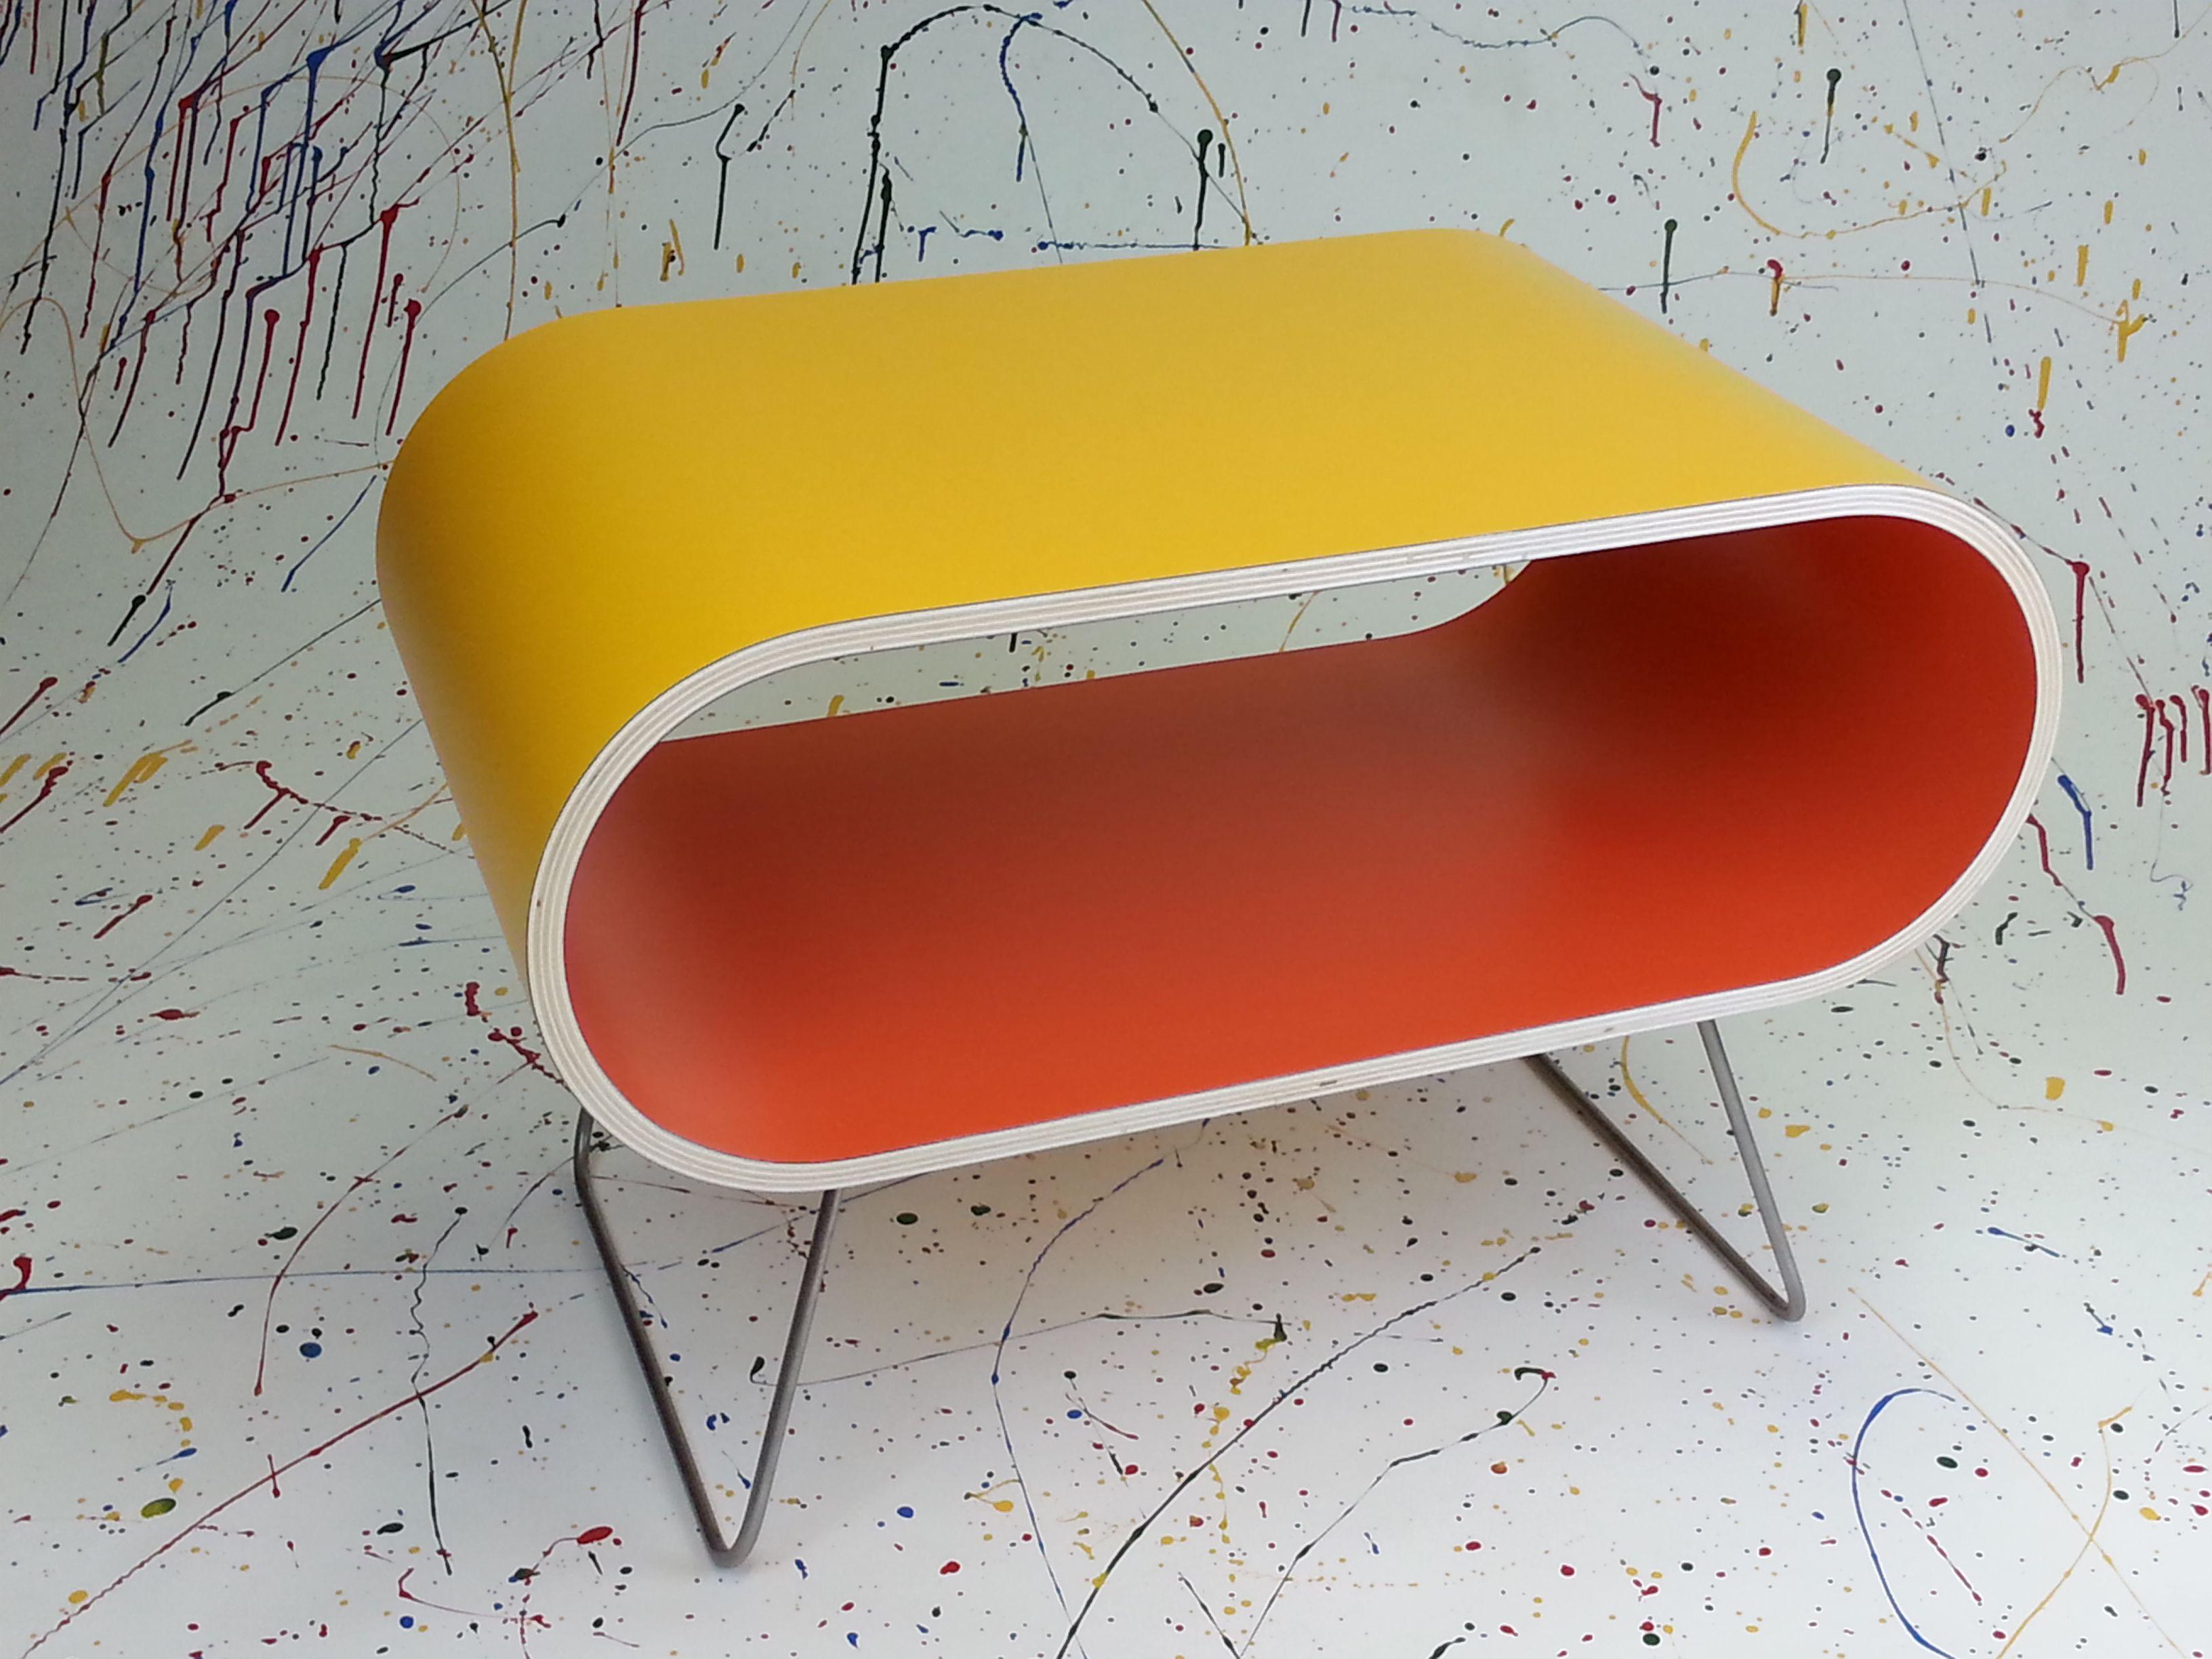 Küchentisch Hoch ~ Couch tisch pappel sperrholz hpl oberfläche chromstahlbeine 65 cm